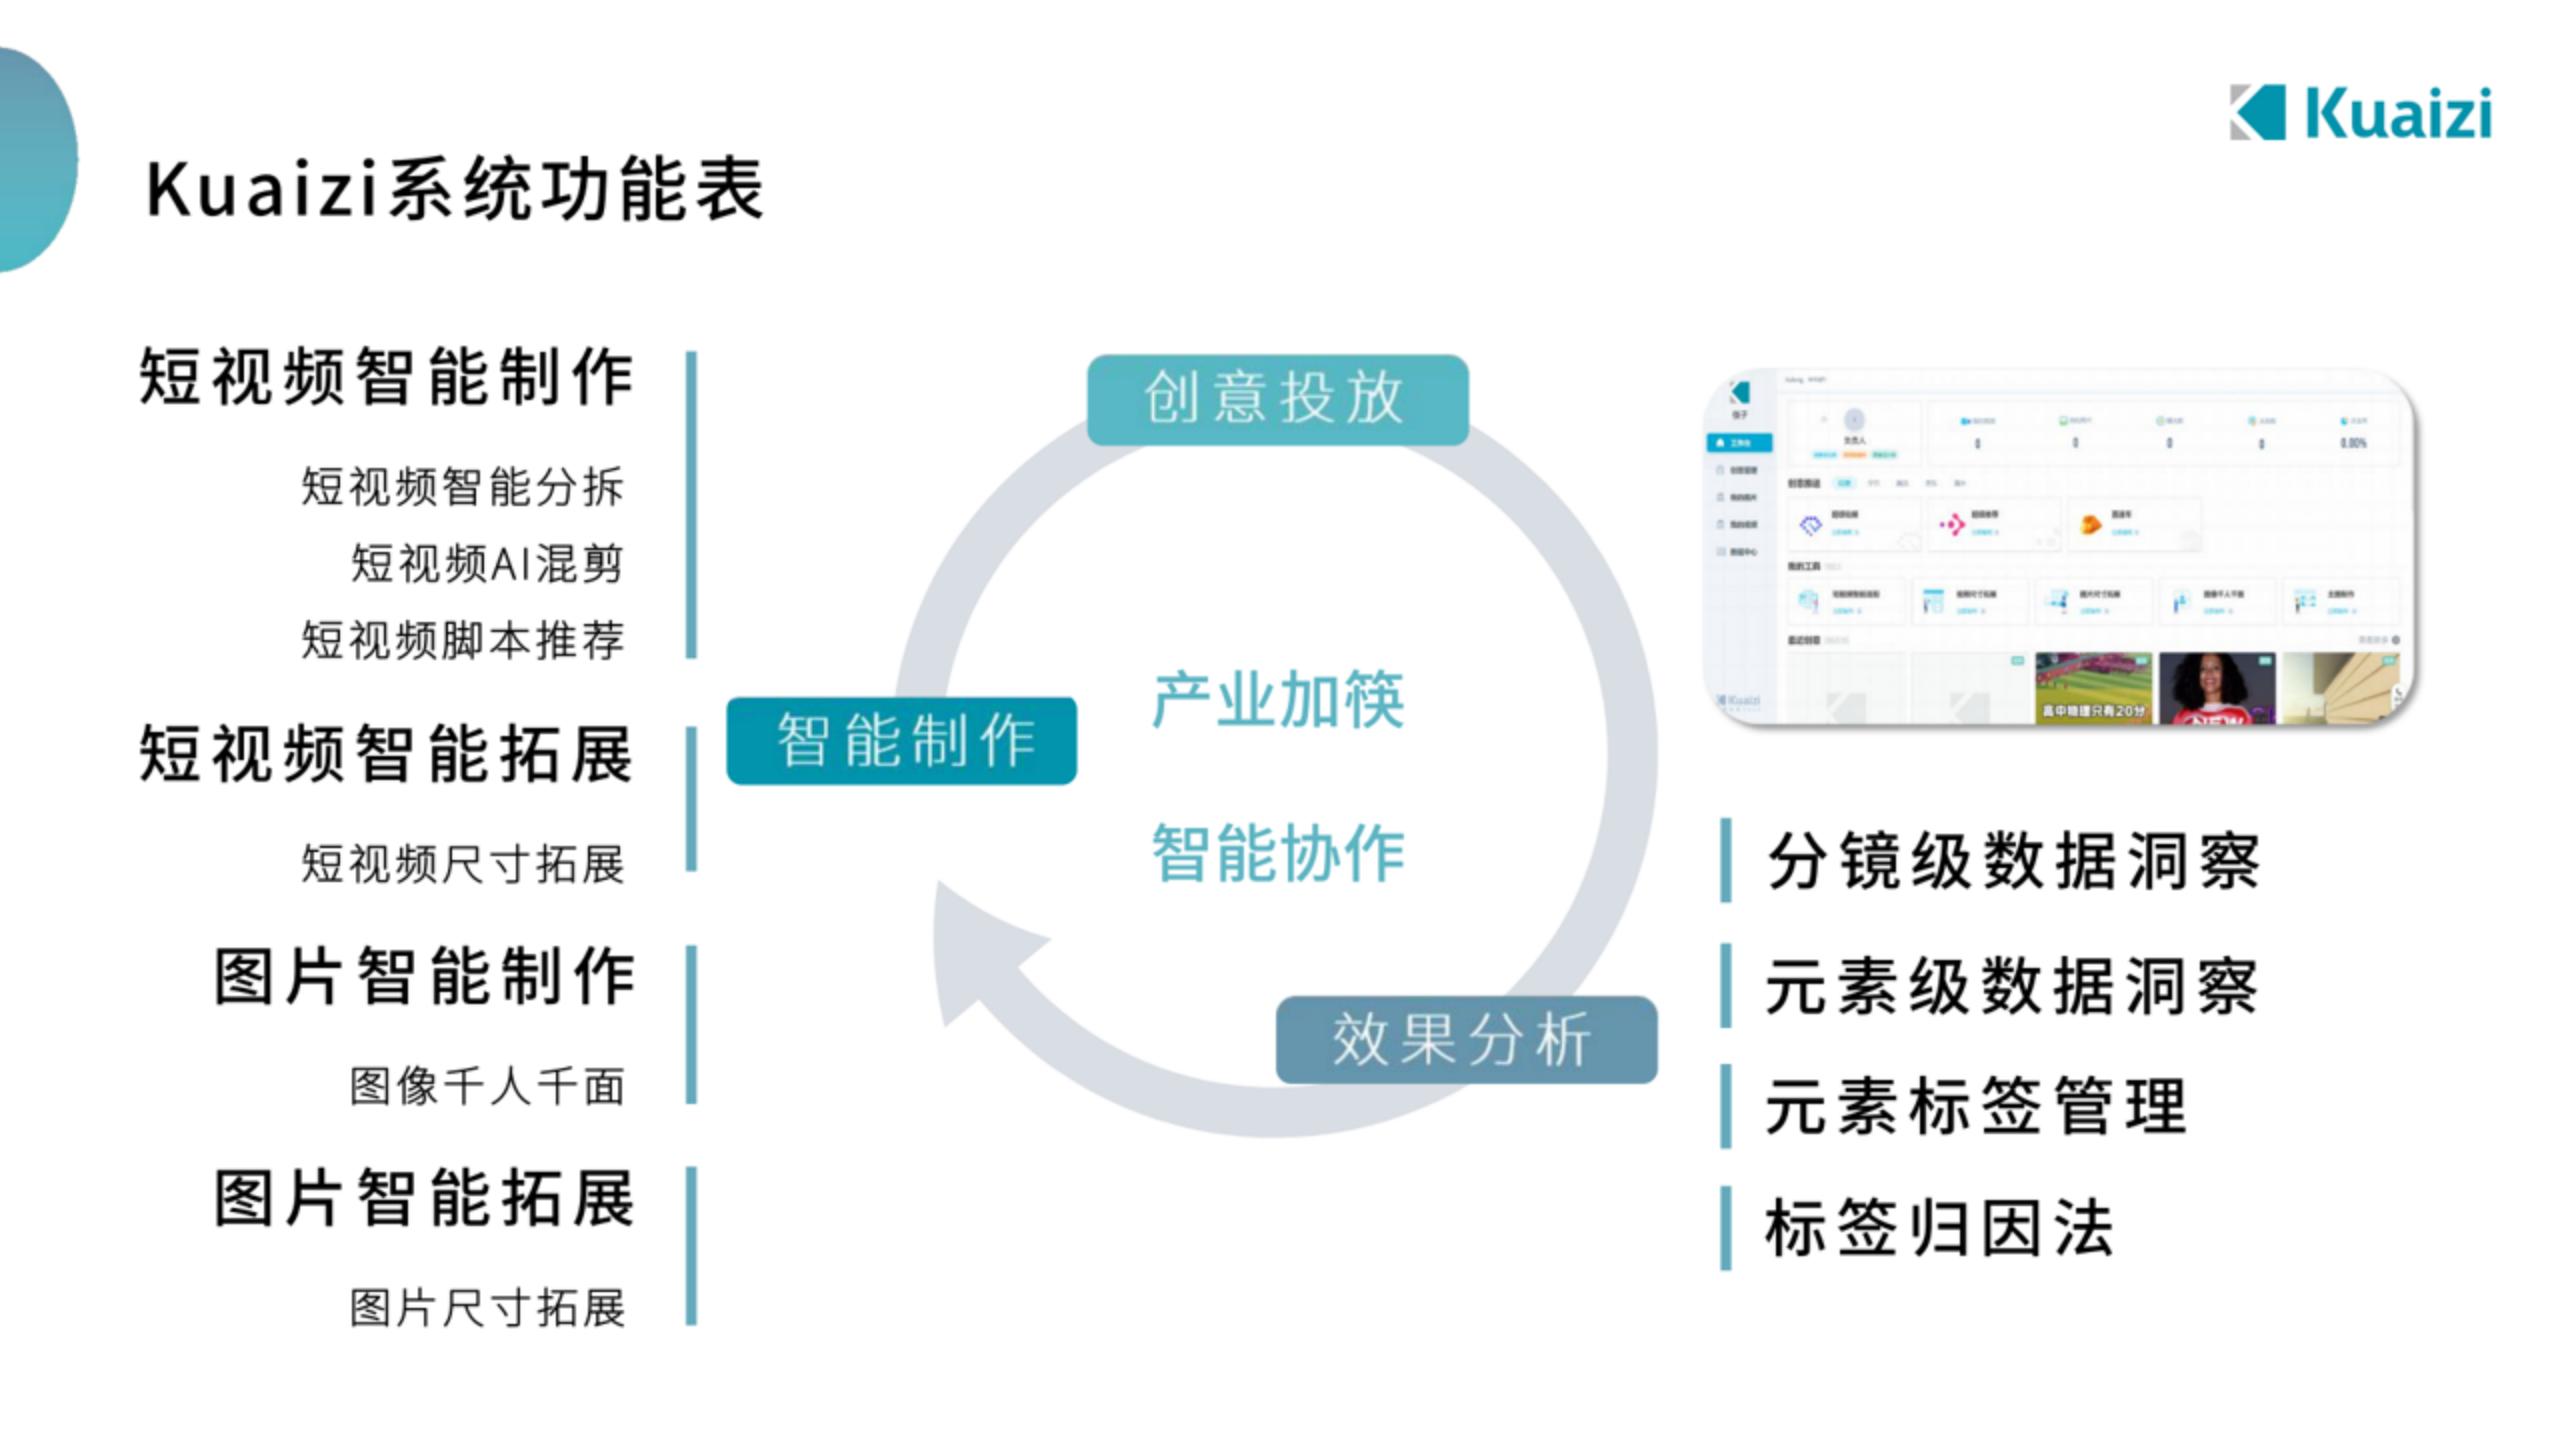 筷子SaaS简介-创意内容代理商V1.2_02.png